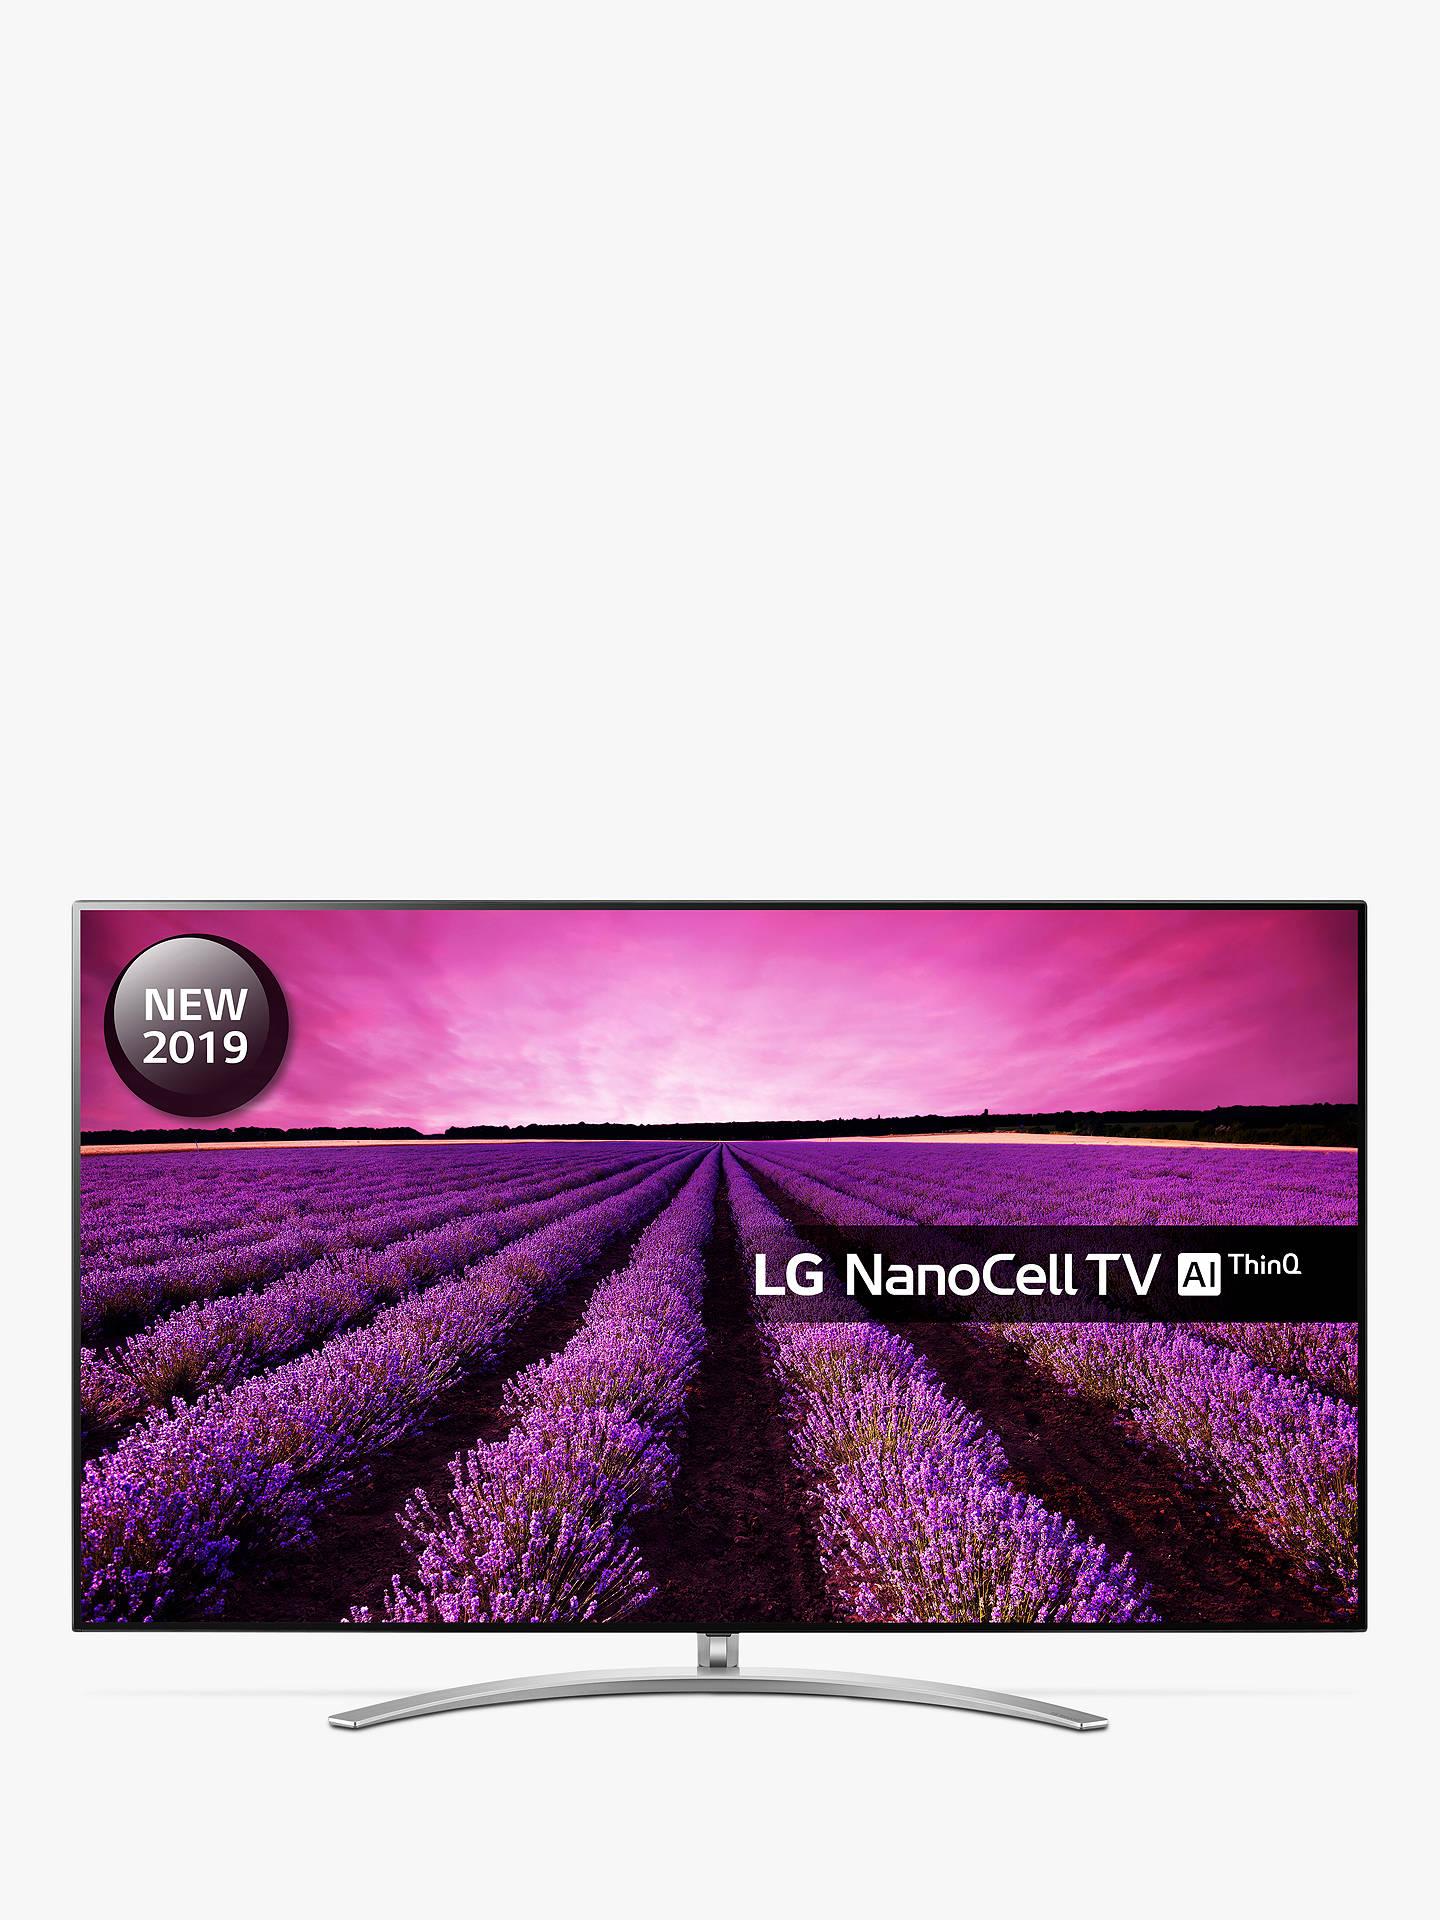 LG 65SM9800PLA (2019) LED HDR NanoCell 4K Ultra HD Smart TV, 65